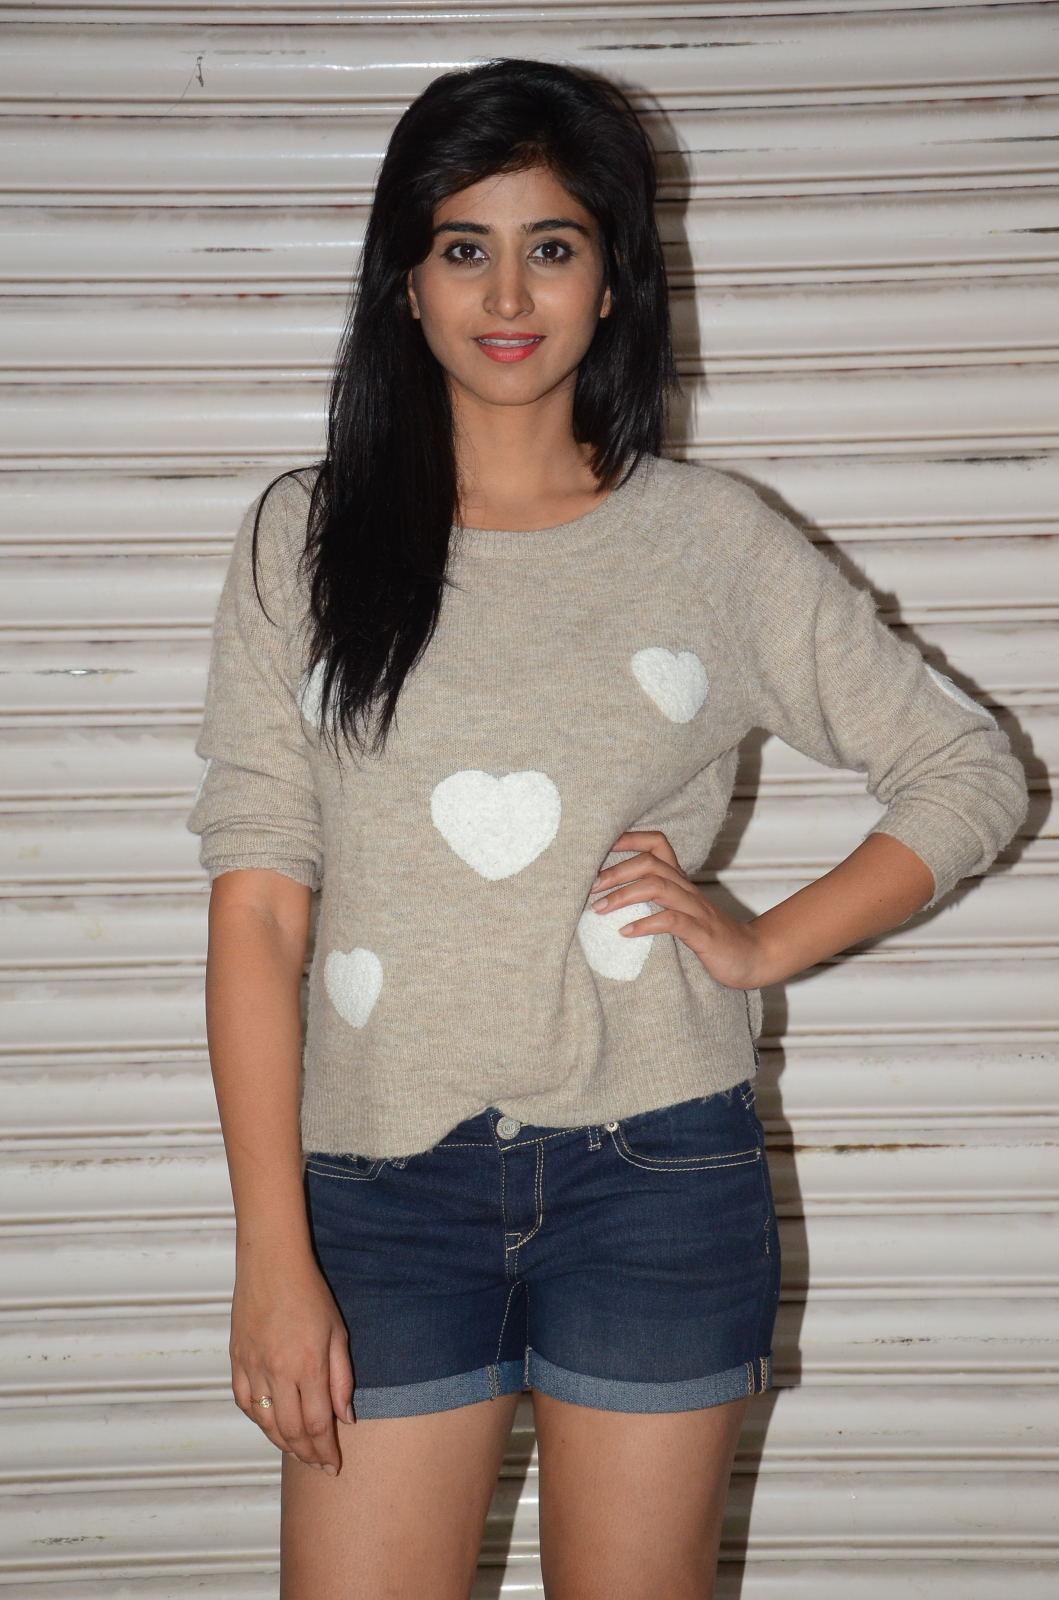 Shamili new cute photos gallery-HQ-Photo-19